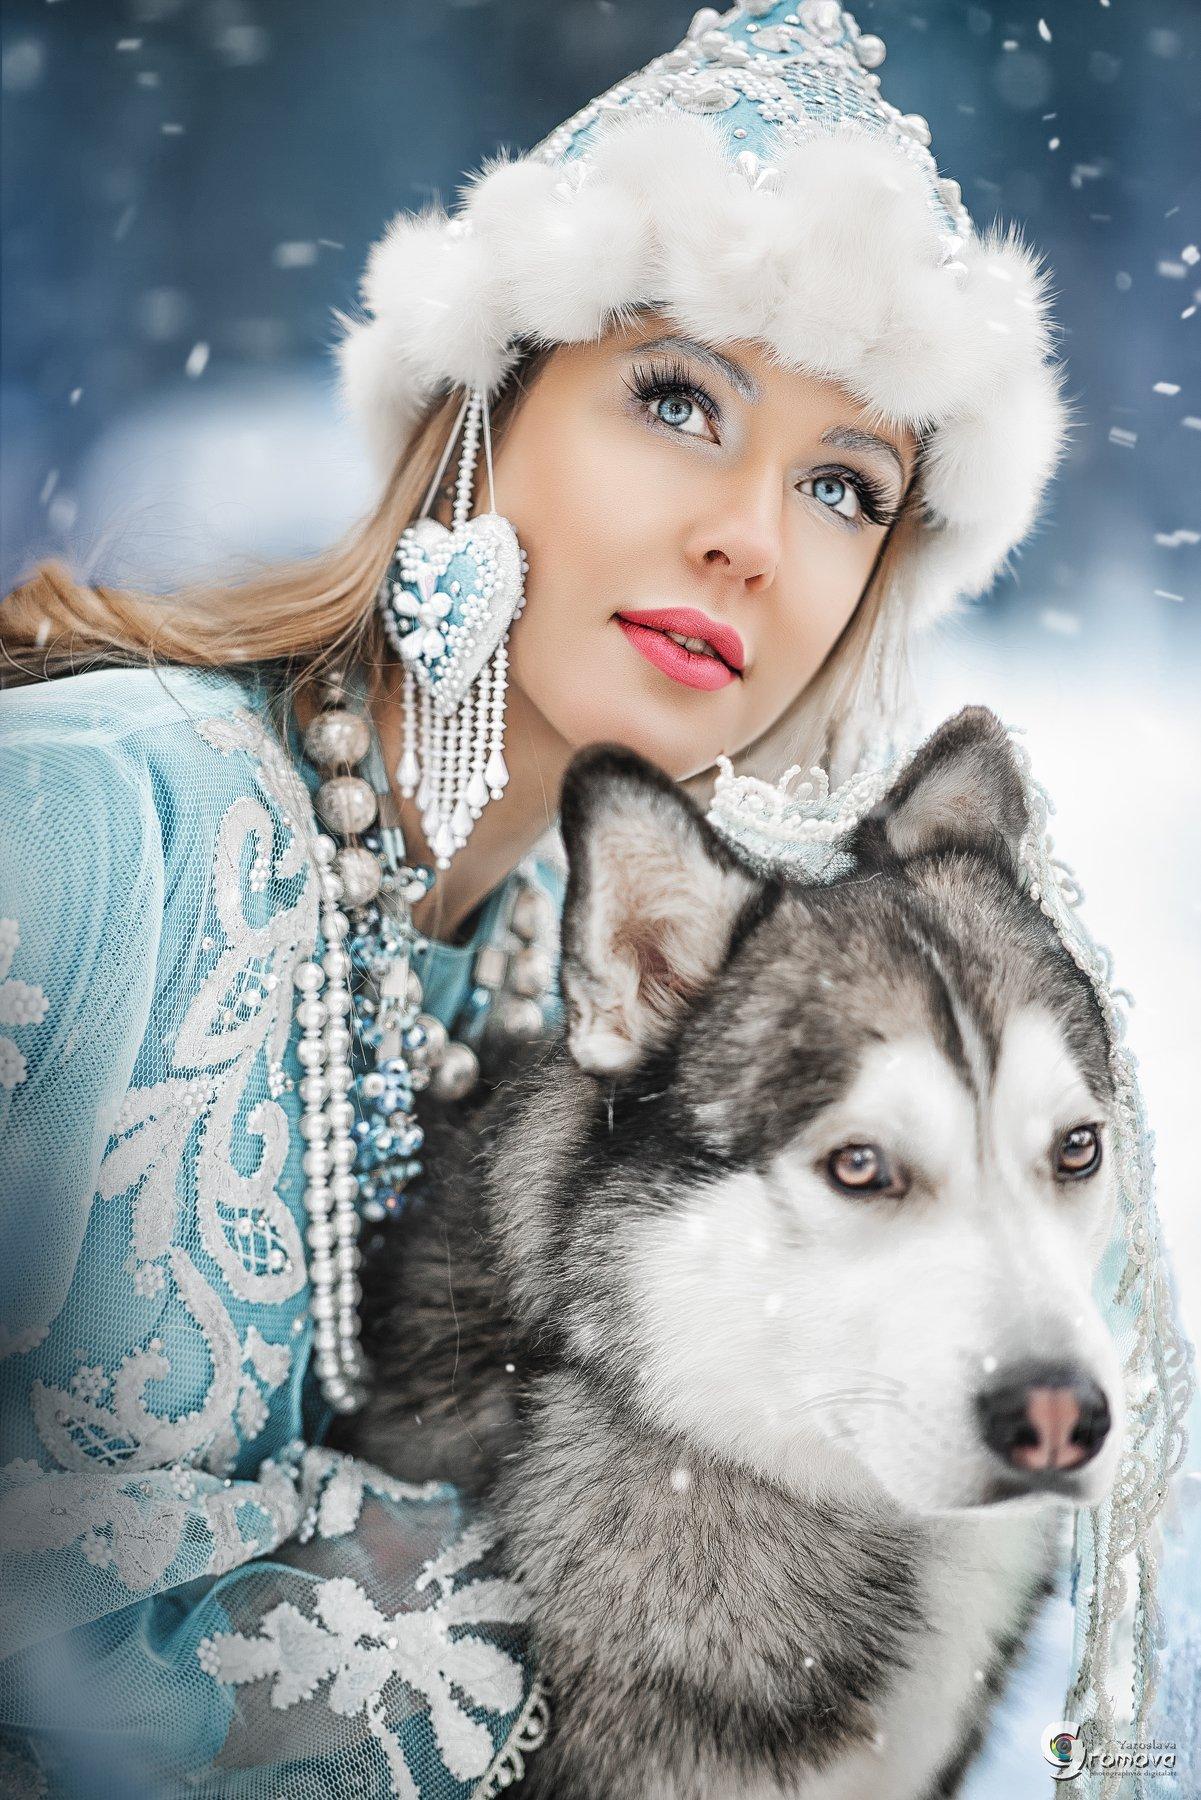 девушка, снегурочка, Акшакар, сказка, хаски, волк, зима, новый год, снег, портрет, Ярослава Громова